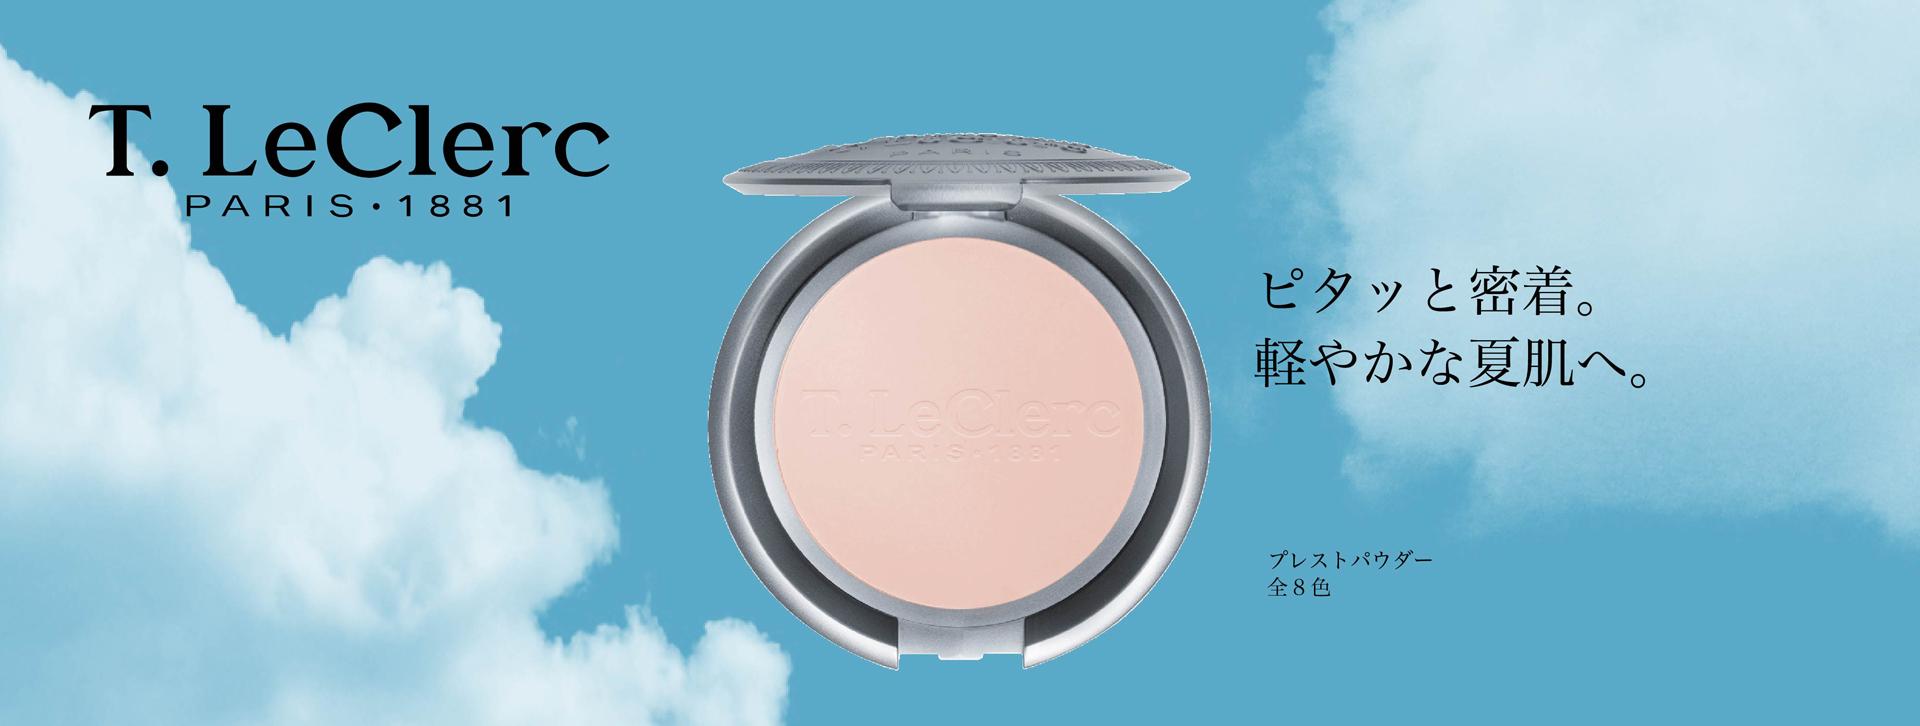 ドレスナーエッセンスからクリスマスのコフレ登場!